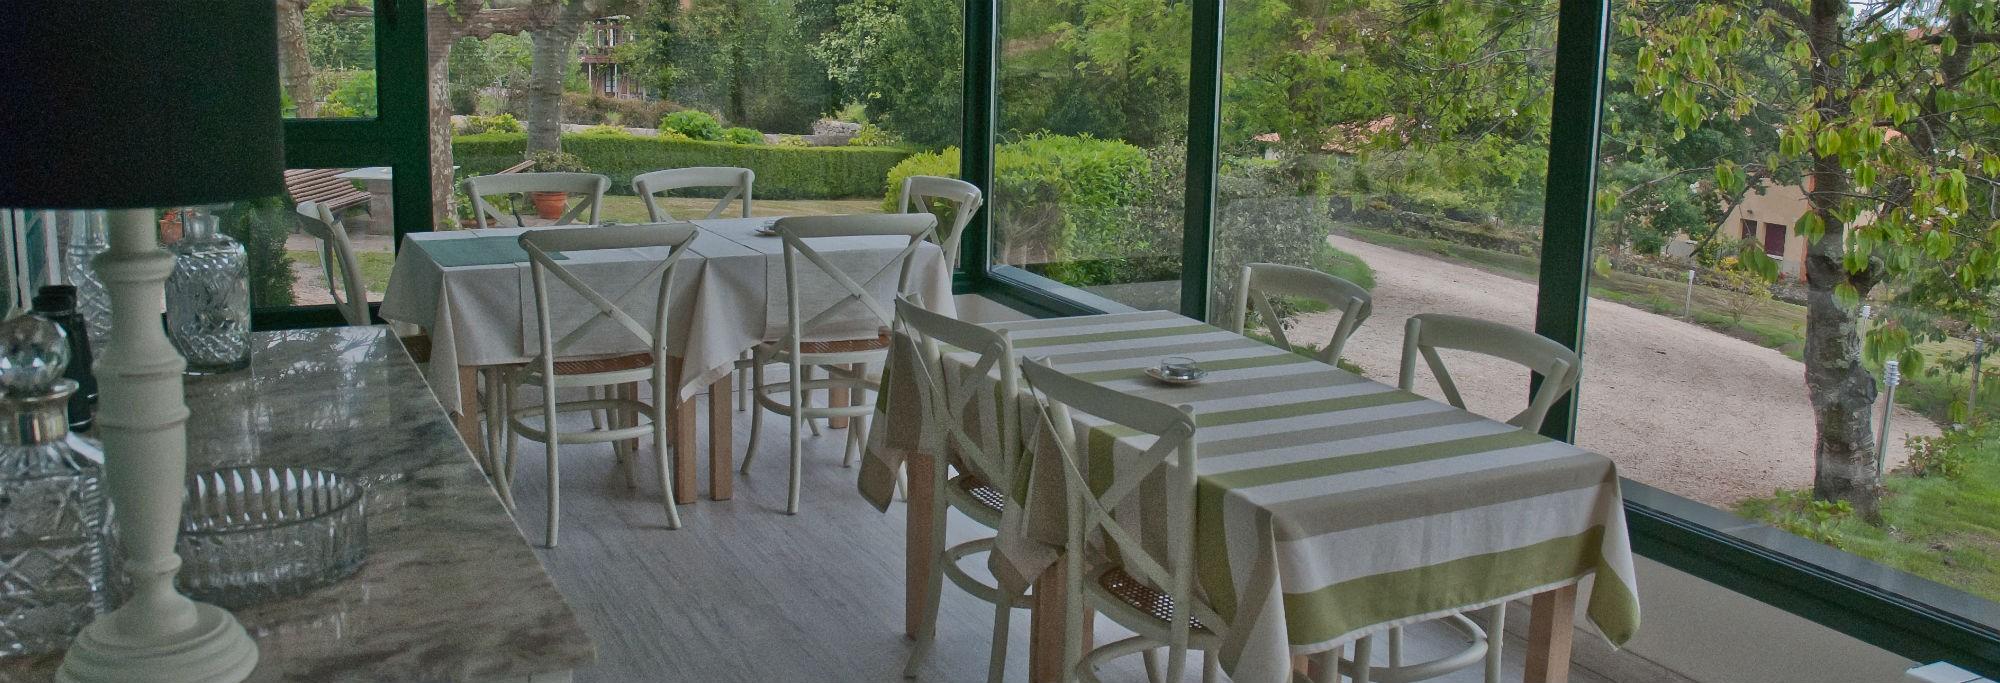 comedor-galeria-vistas-a-jardin